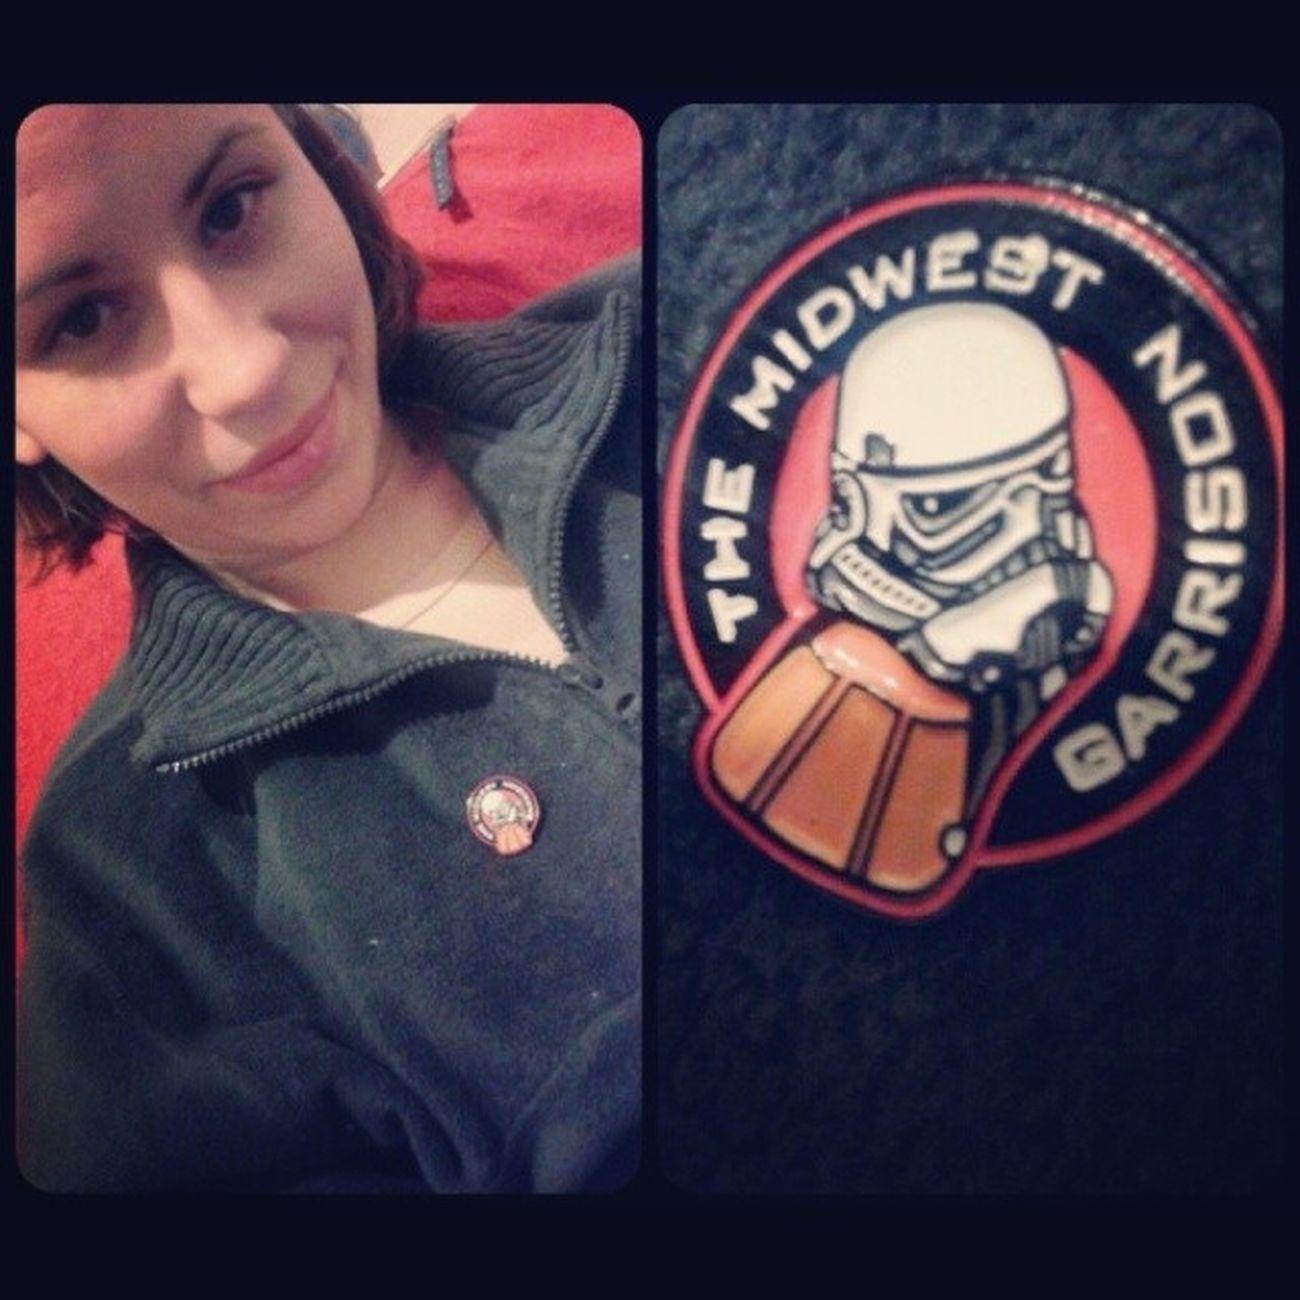 Da se zna cija sam! MidWest Garrison 501st Tk4186 proud wife starwars pins